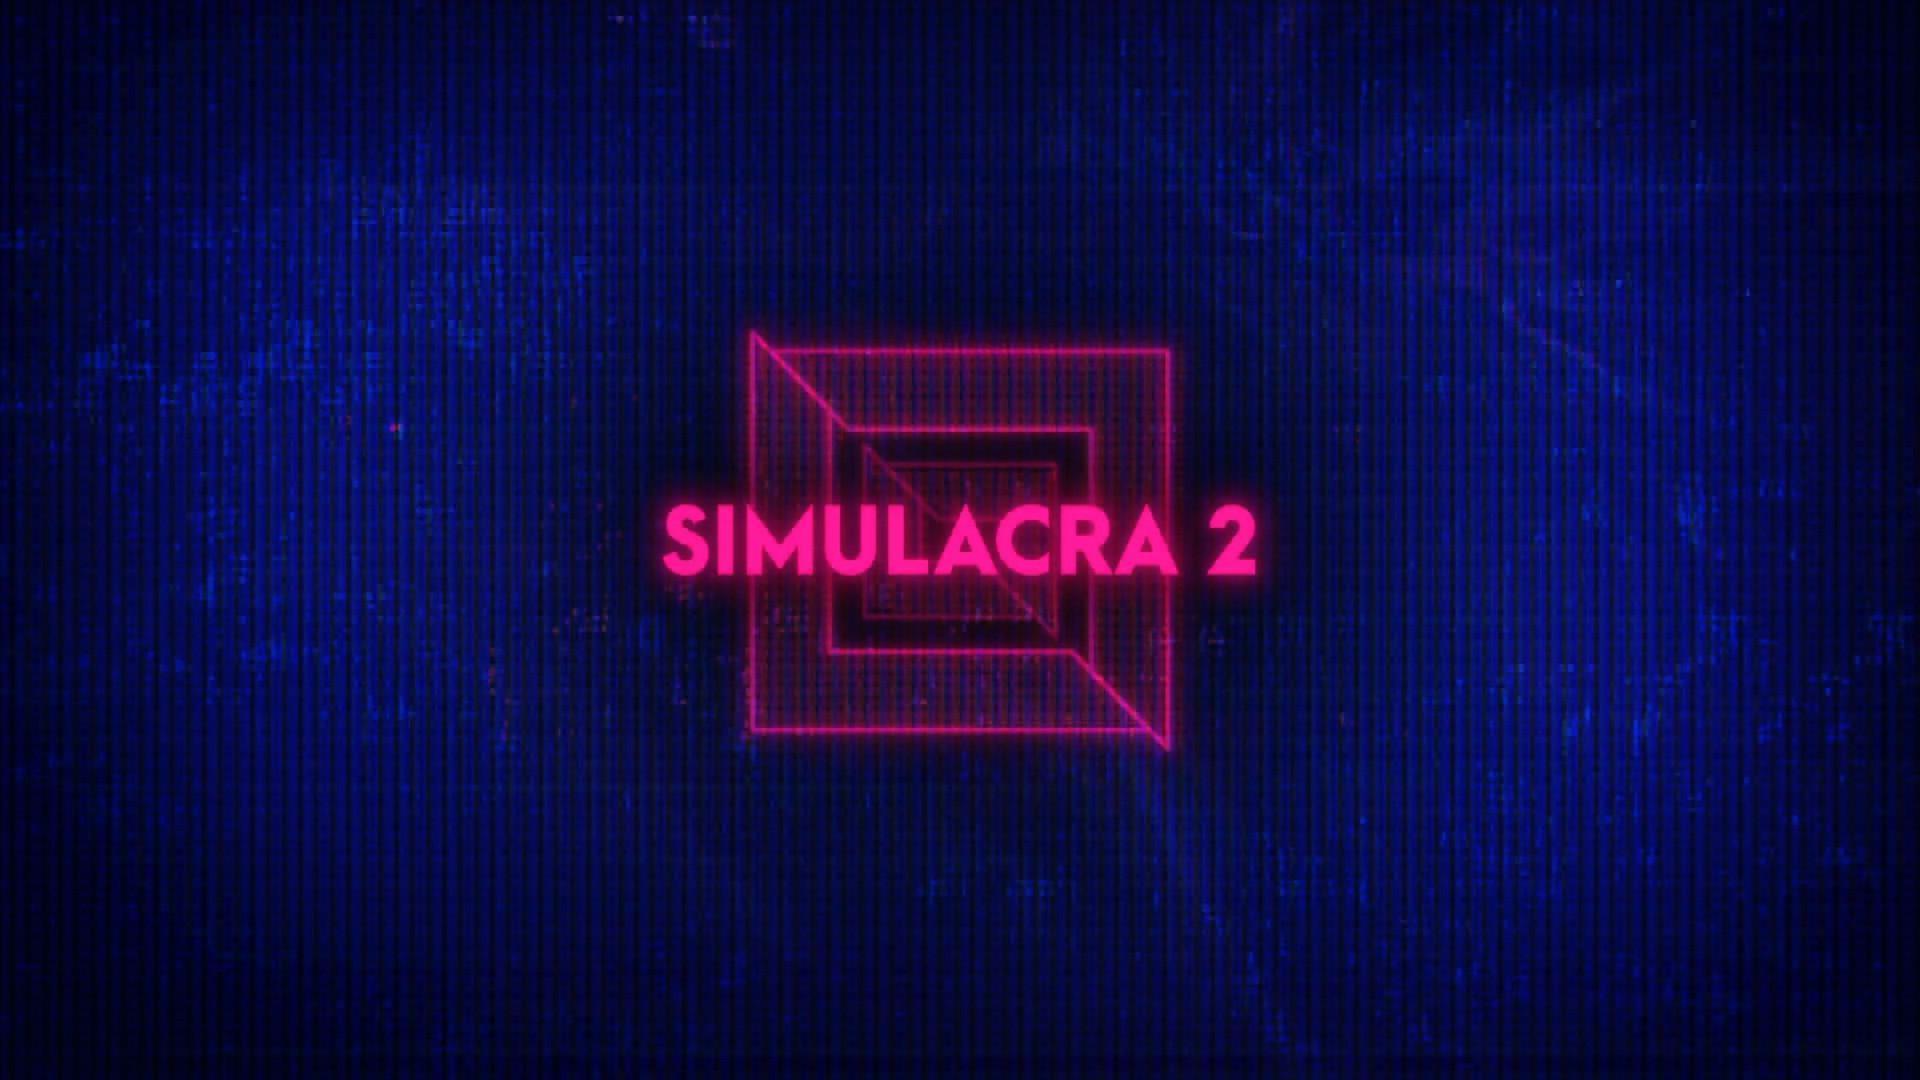 《SIMULACRA 2》評測:美女網紅離奇死亡的背后